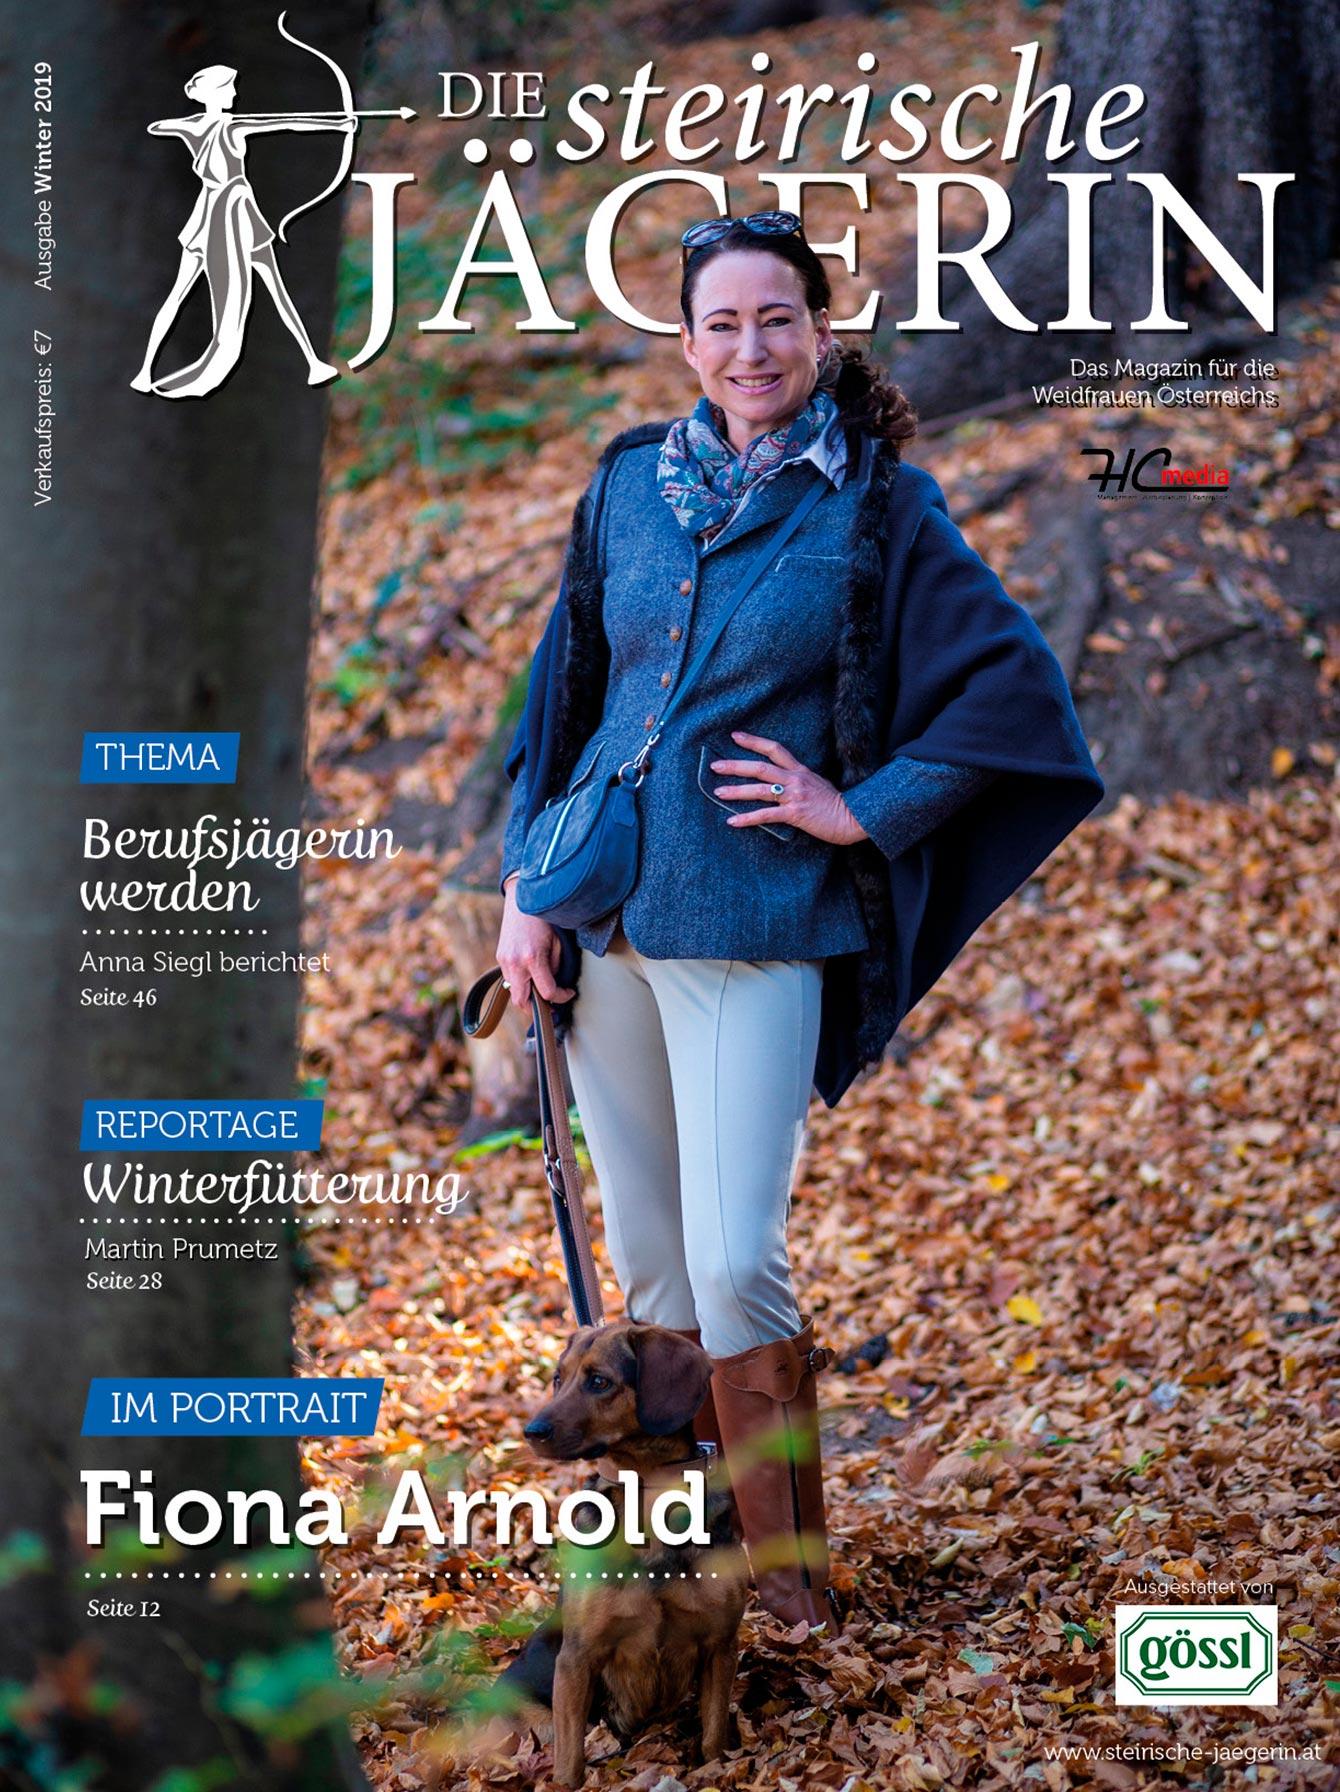 Die steirische Jägerin online lesen auf issuu.com